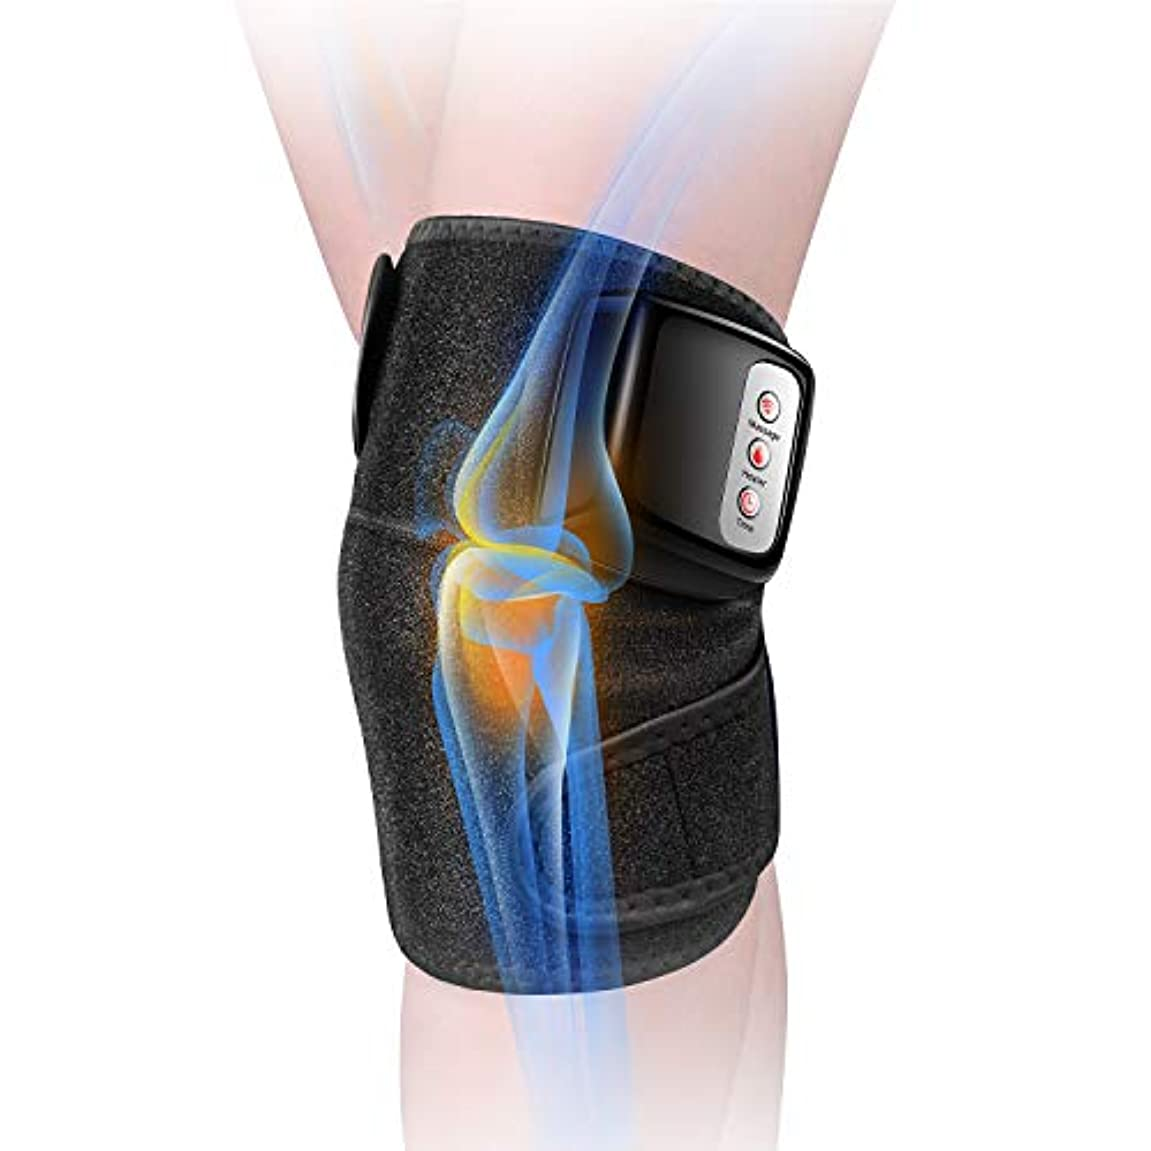 怠感カヌー評価可能膝マッサージャー 関節マッサージャー マッサージ器 フットマッサージャー 振動 赤外線療法 温熱療法 膝サポーター ストレス解消 肩 太もも/腕対応